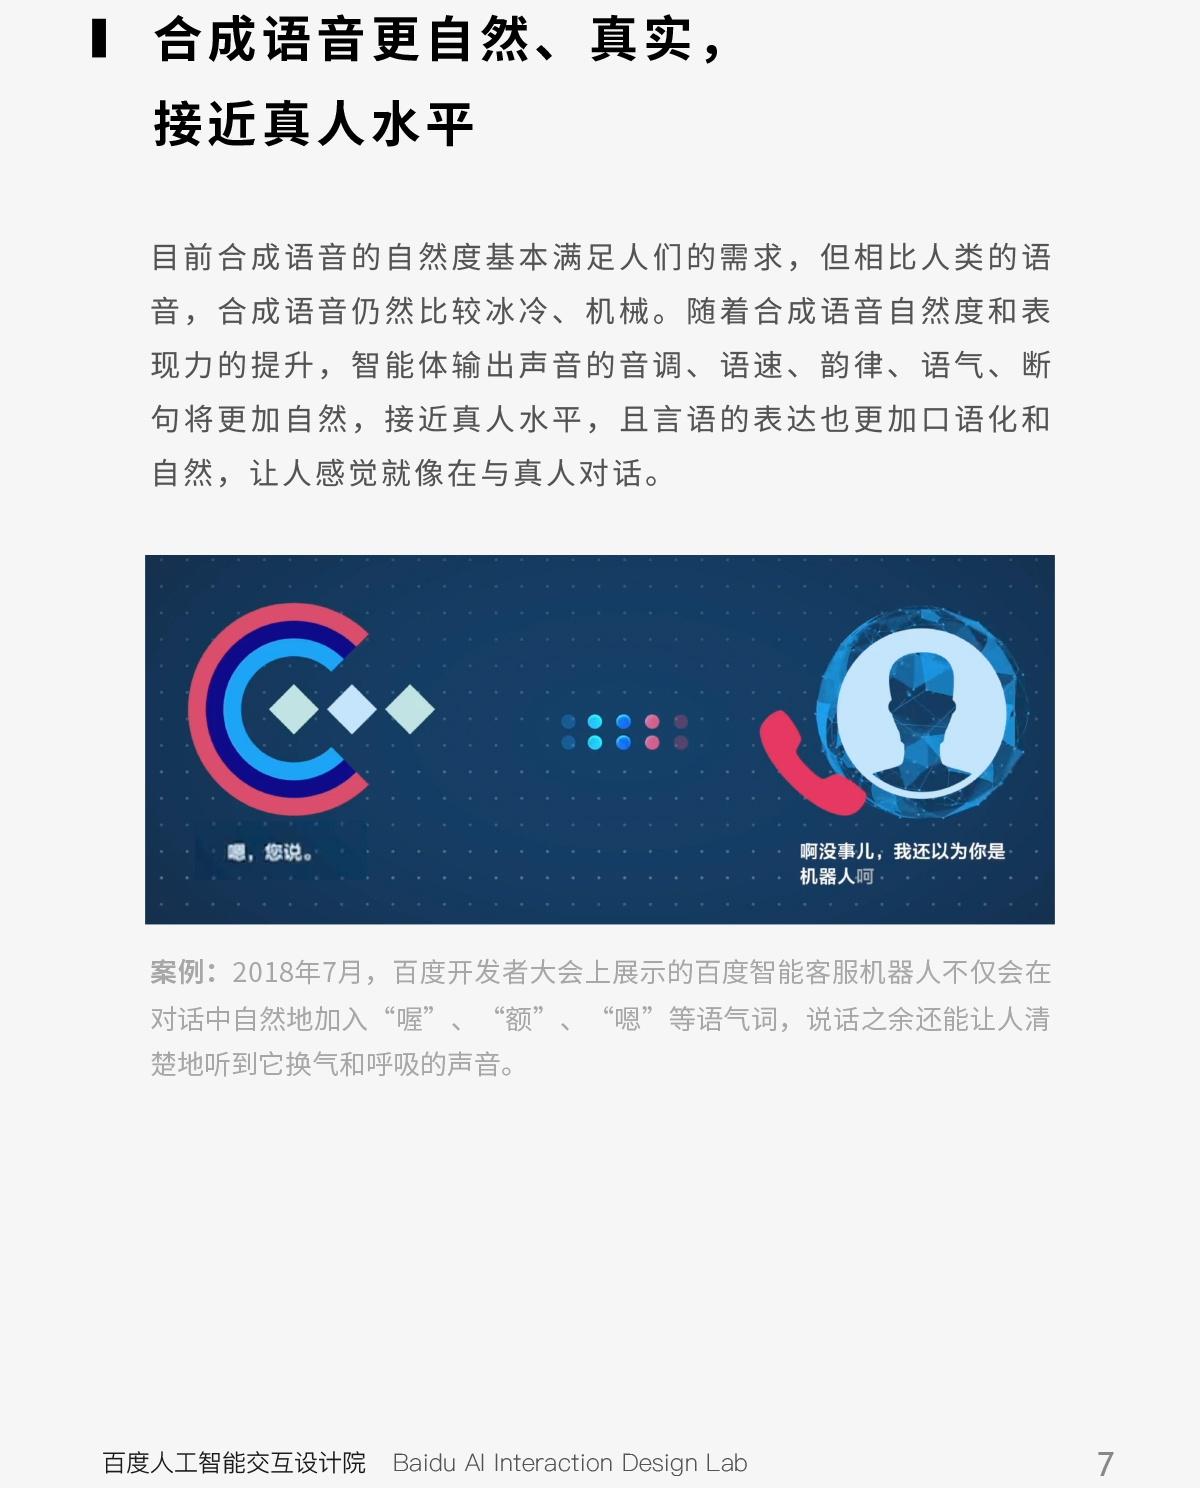 大牛出品!2019 年AI人机交互趋势研究报告